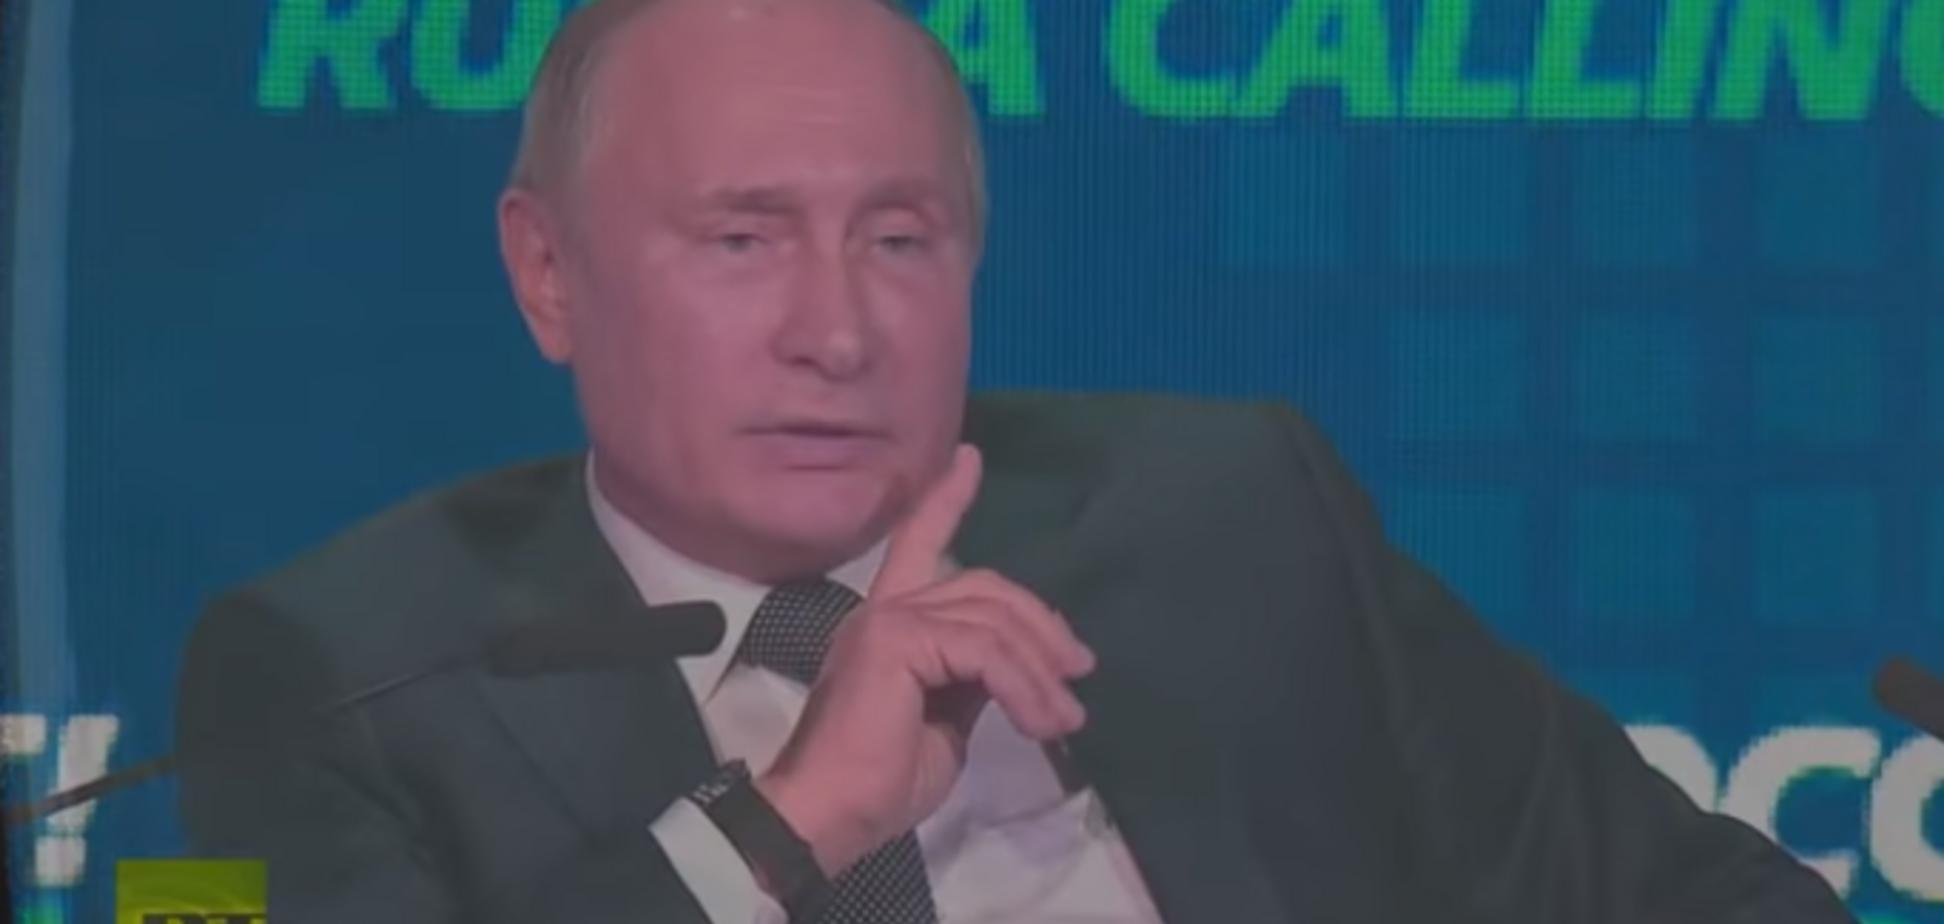 ''Путин пиз***, ему можно'': Кремль подловили на наглой лжи о кораблях Украины